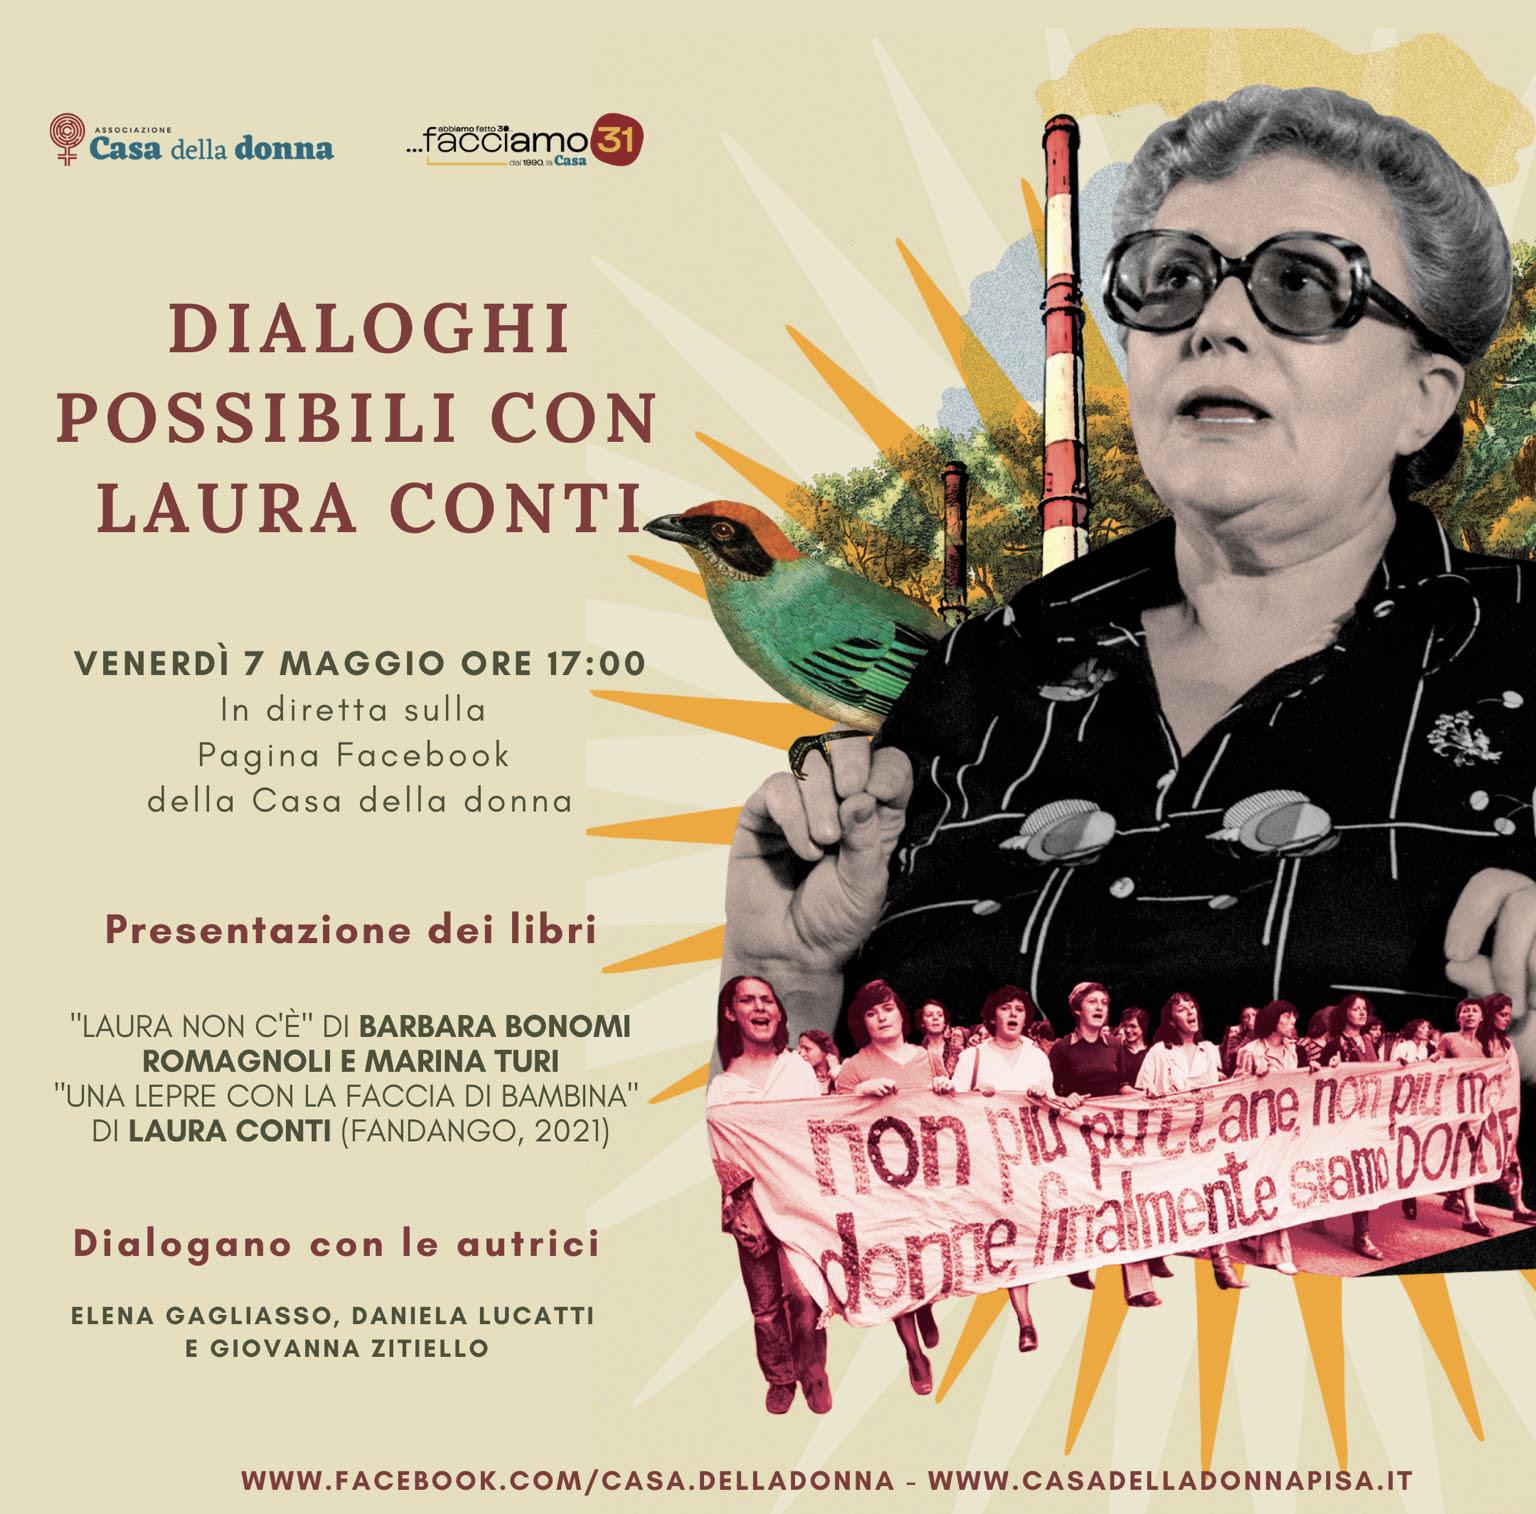 Evento on line della Casa della donna di Pisa: Dialoghi possibili con Laura Conti